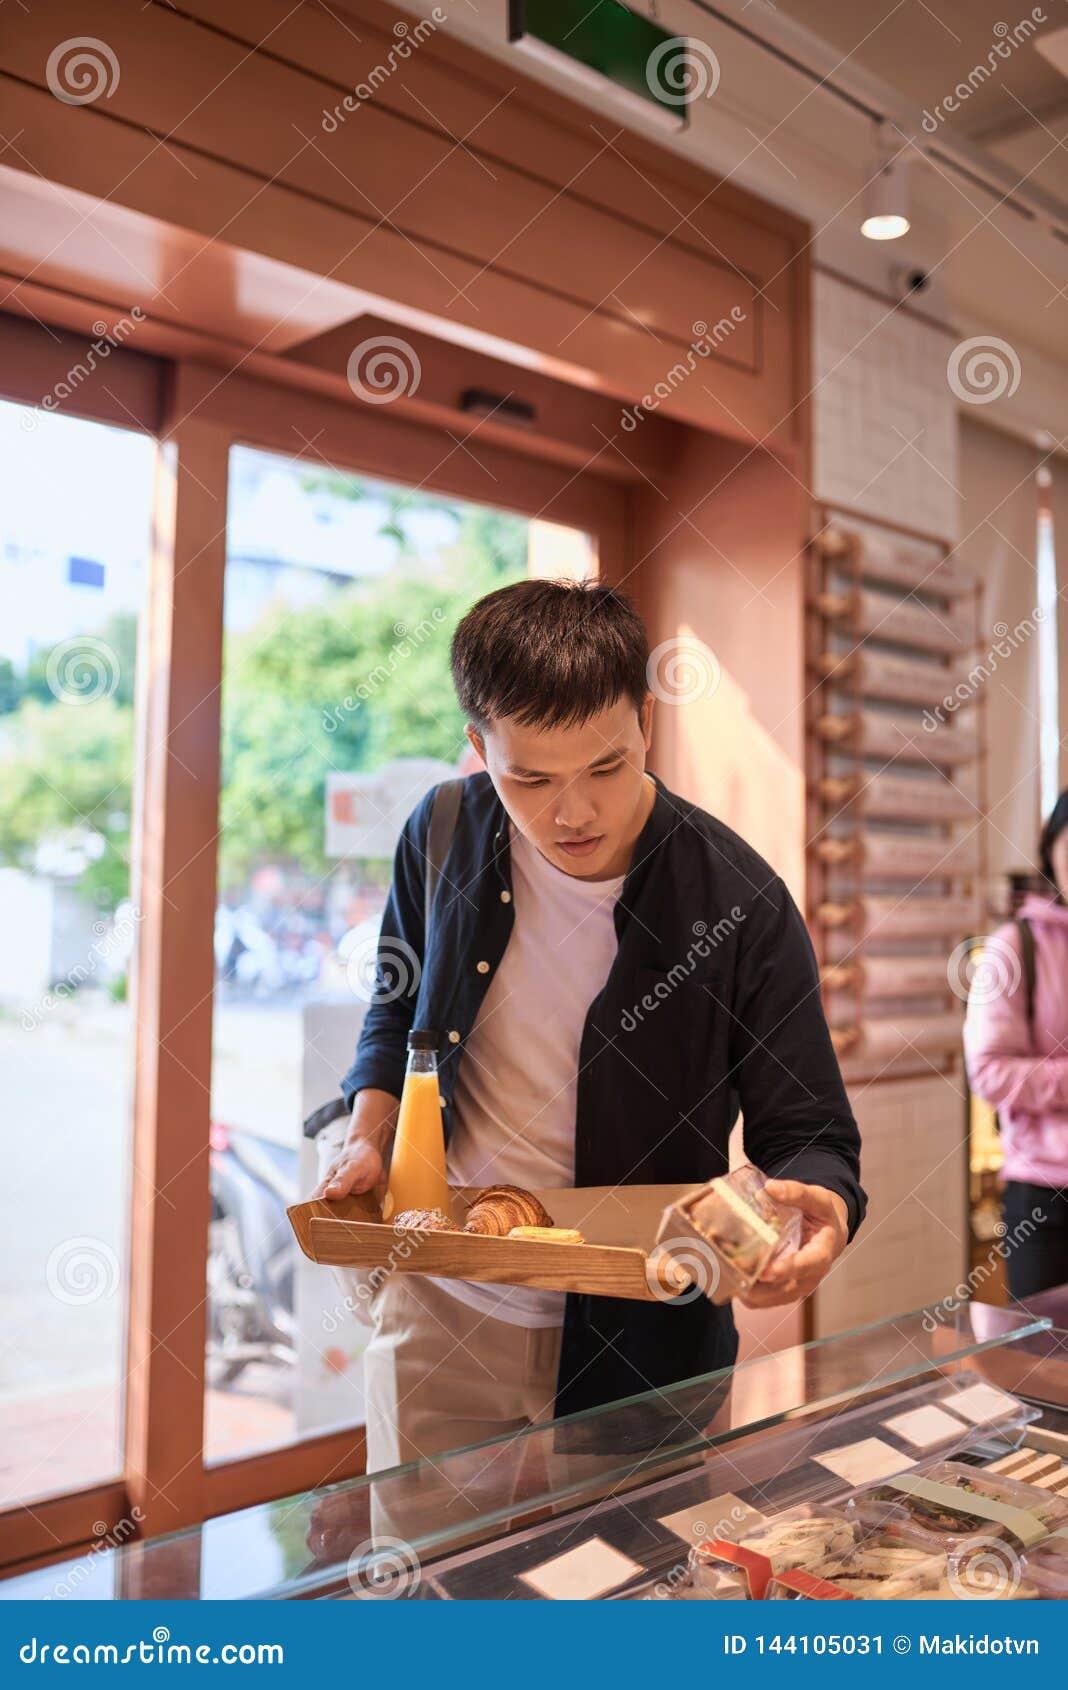 Knappe Aziatische mens het kopen bakkerij voor koffiepauze in de middag Bakkerij en koffiepauze